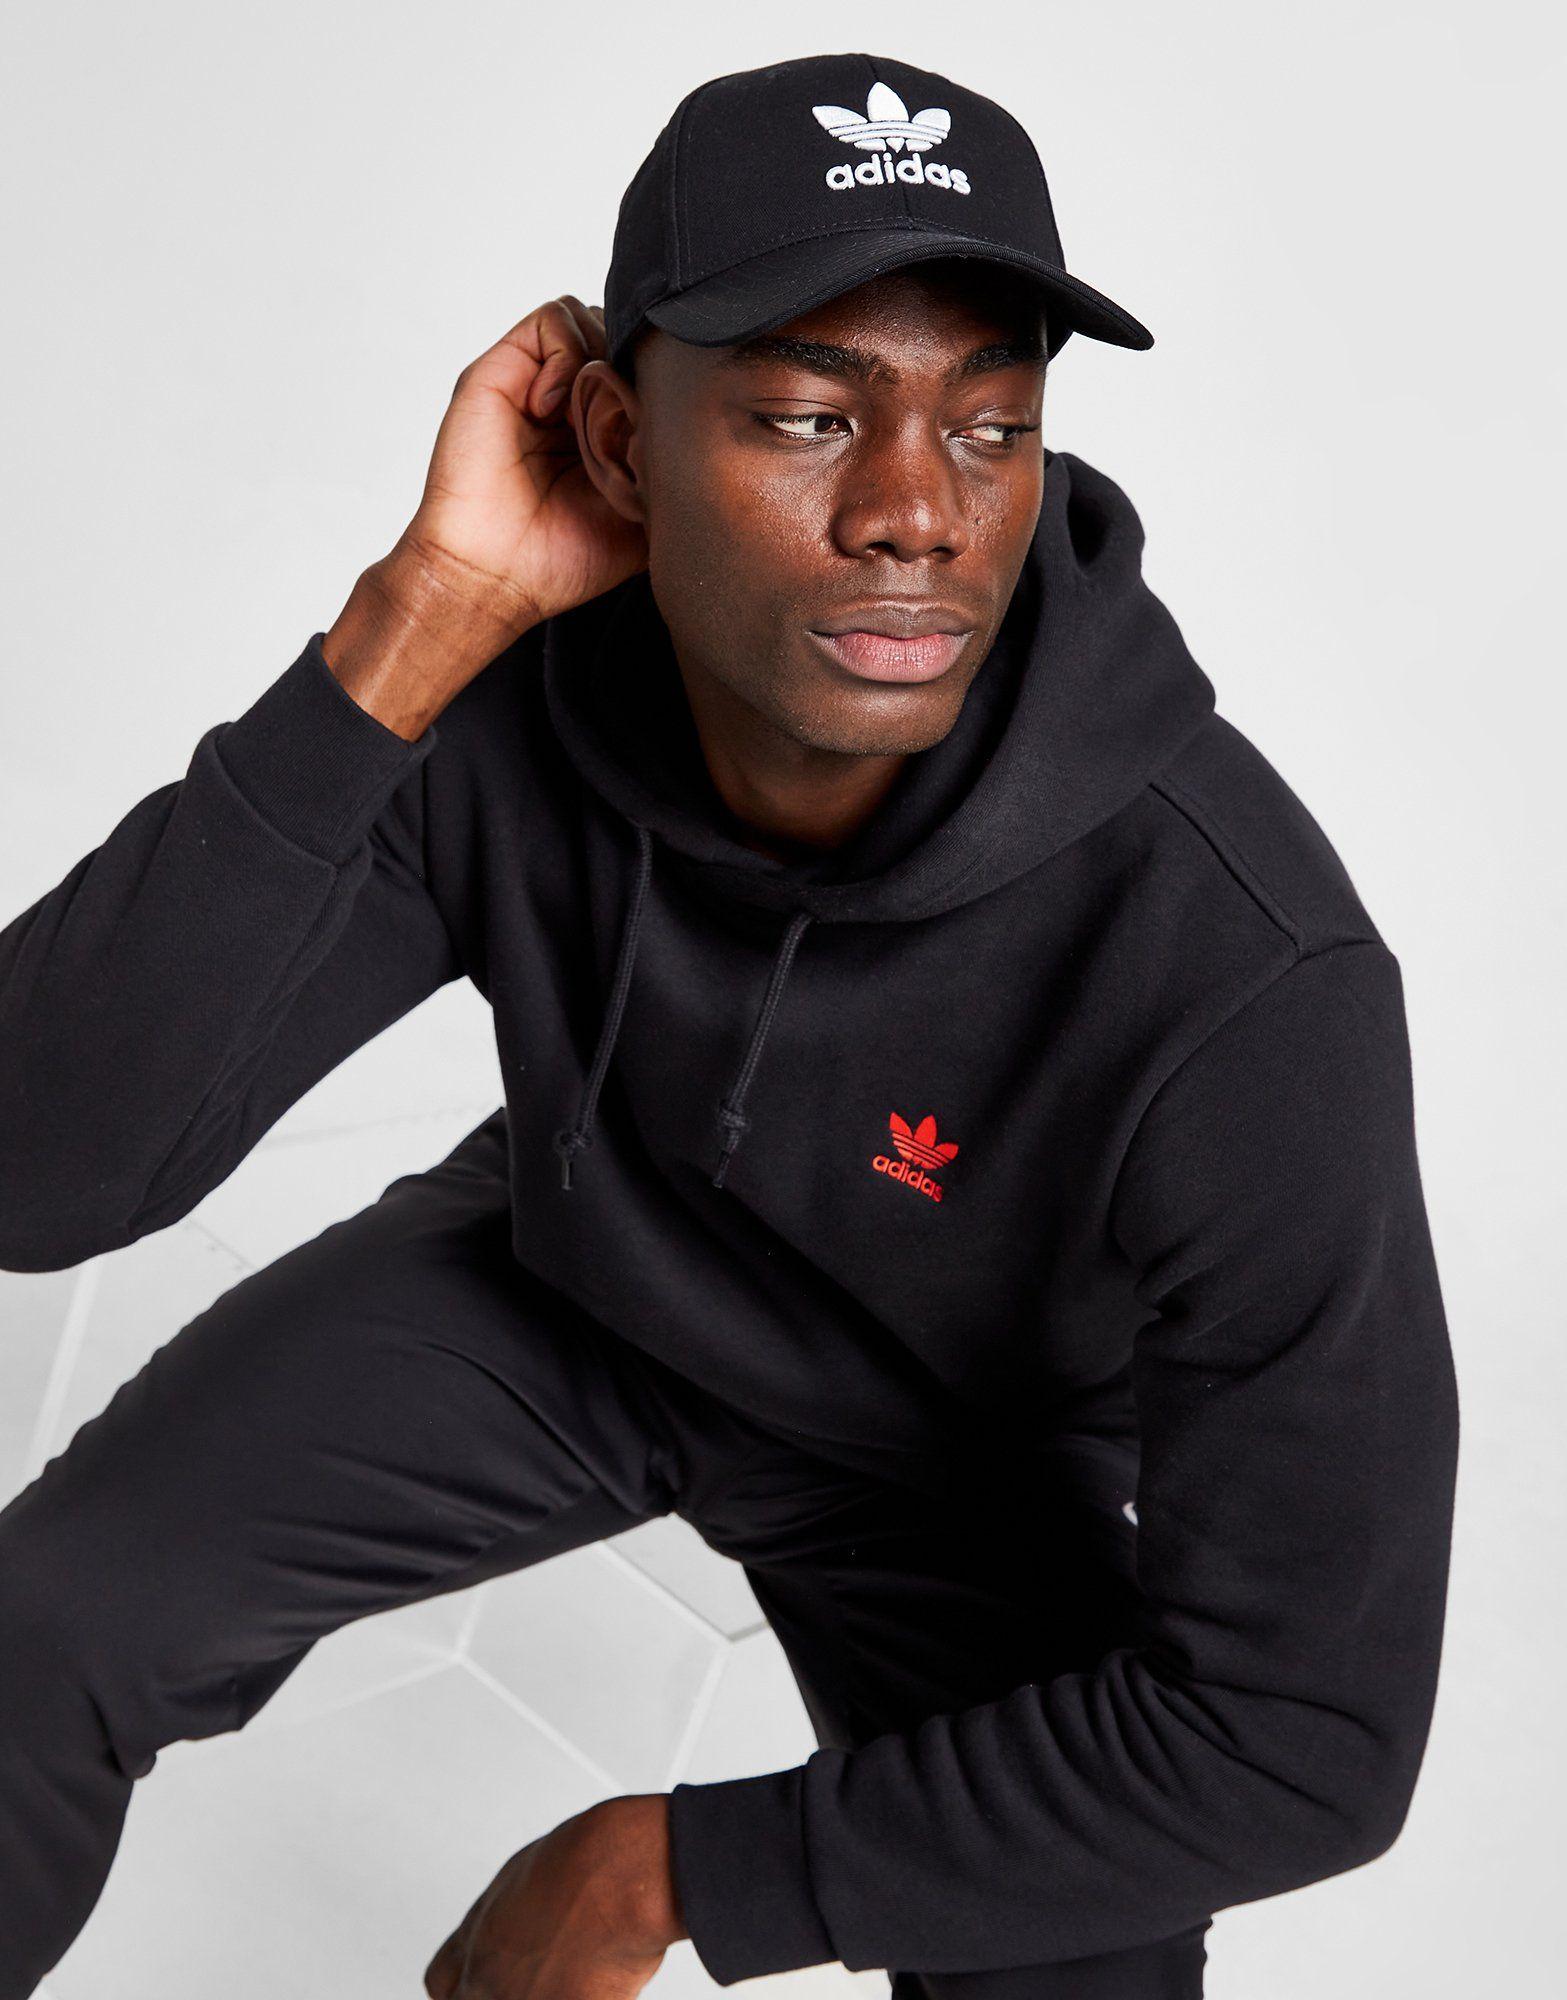 bf9c1b0a210 adidas Originals Classic Trefoil Cap